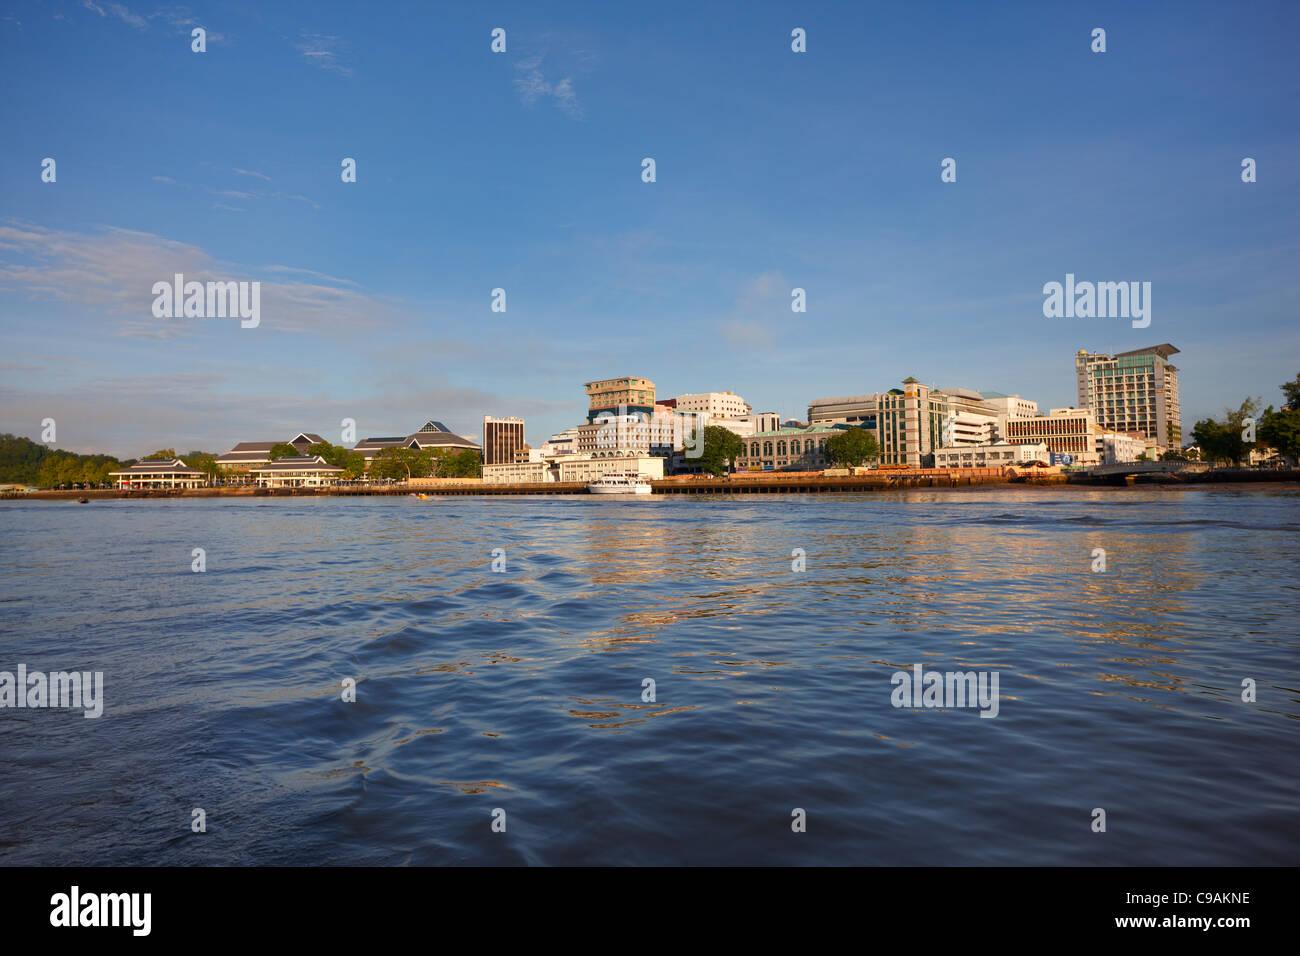 Waterfront, Bandar Seri Begawan, Brunei Darussalam, Asia Immagini Stock